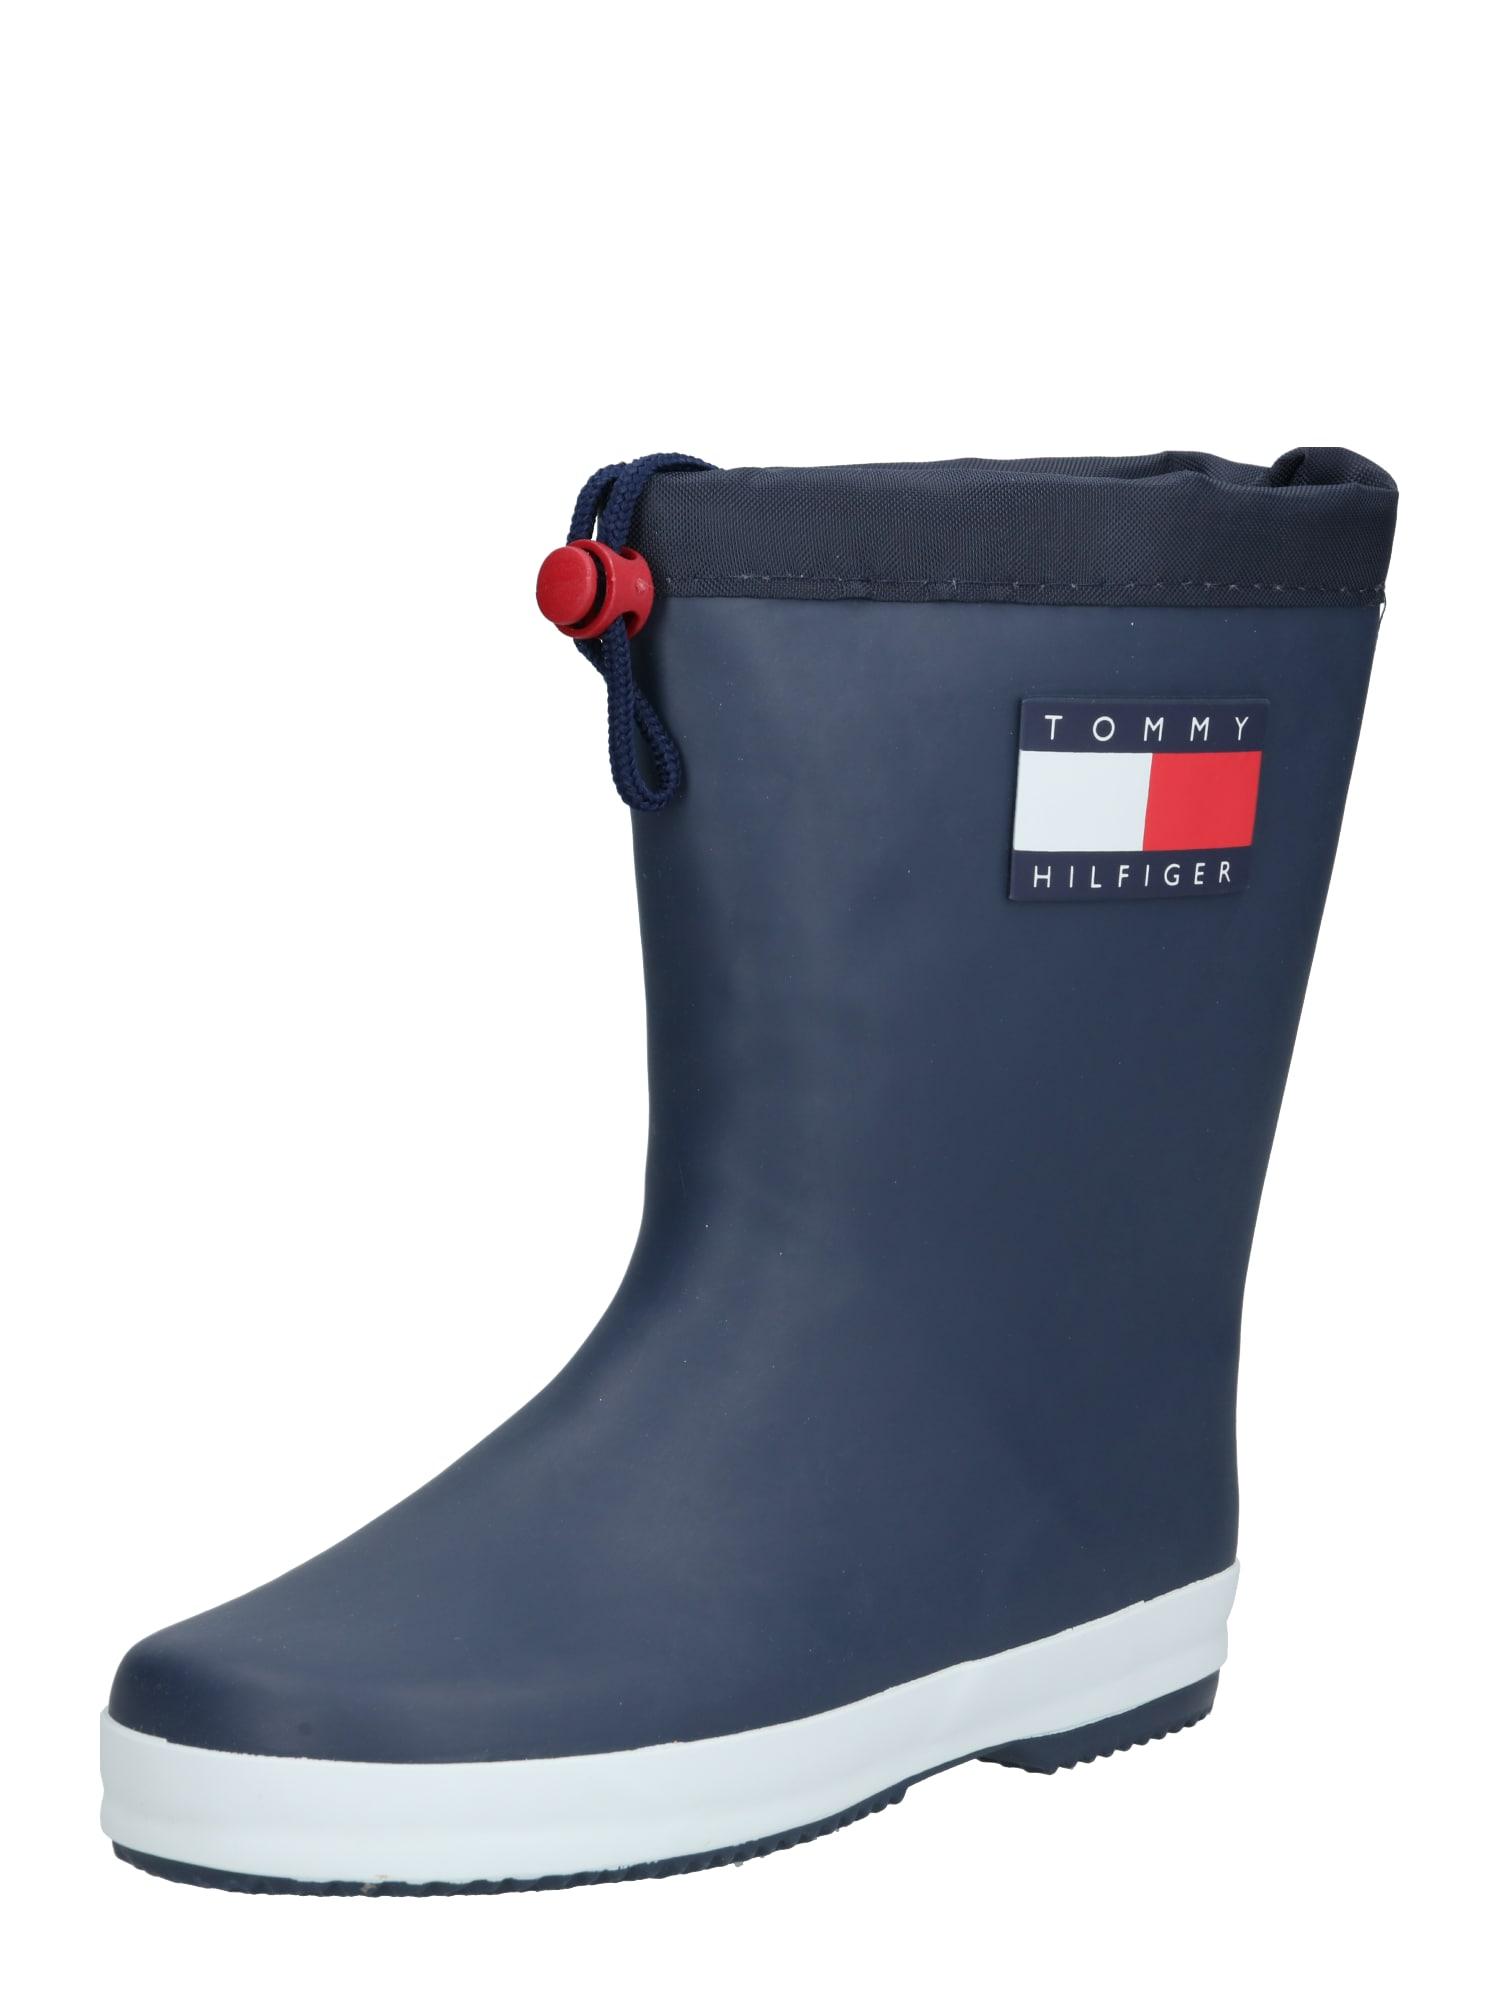 TOMMY HILFIGER Gumáky  námornícka modrá / biela / červená